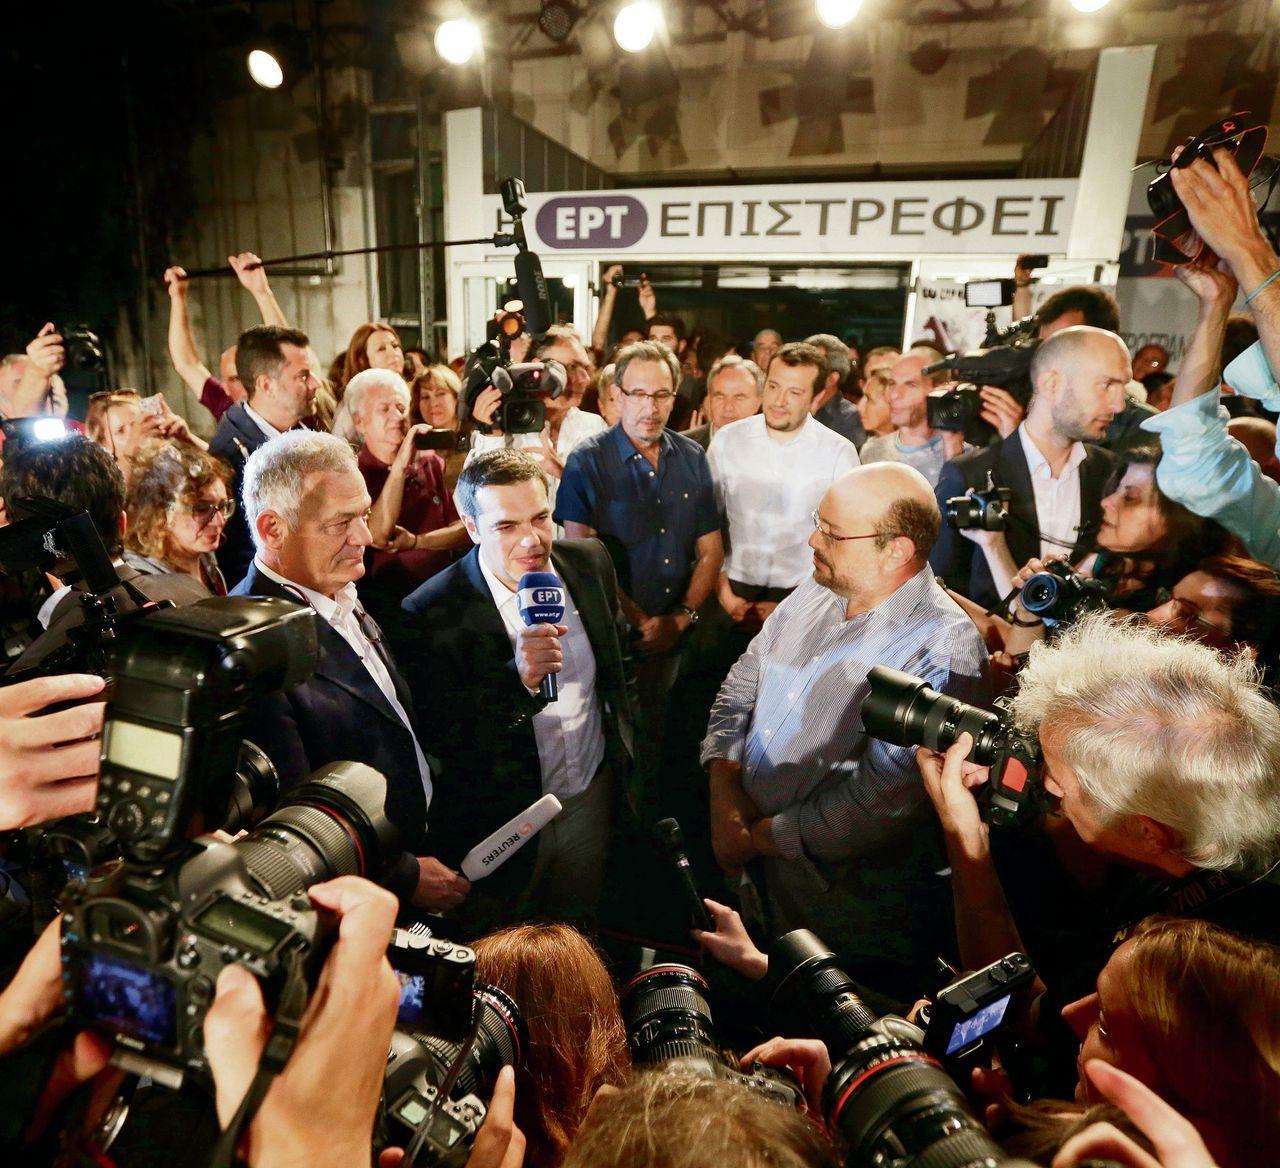 Premier Tsipras was gisteren op het feestje van de zender ERT. De heropening is een belangrijk symbool voor Syriza.